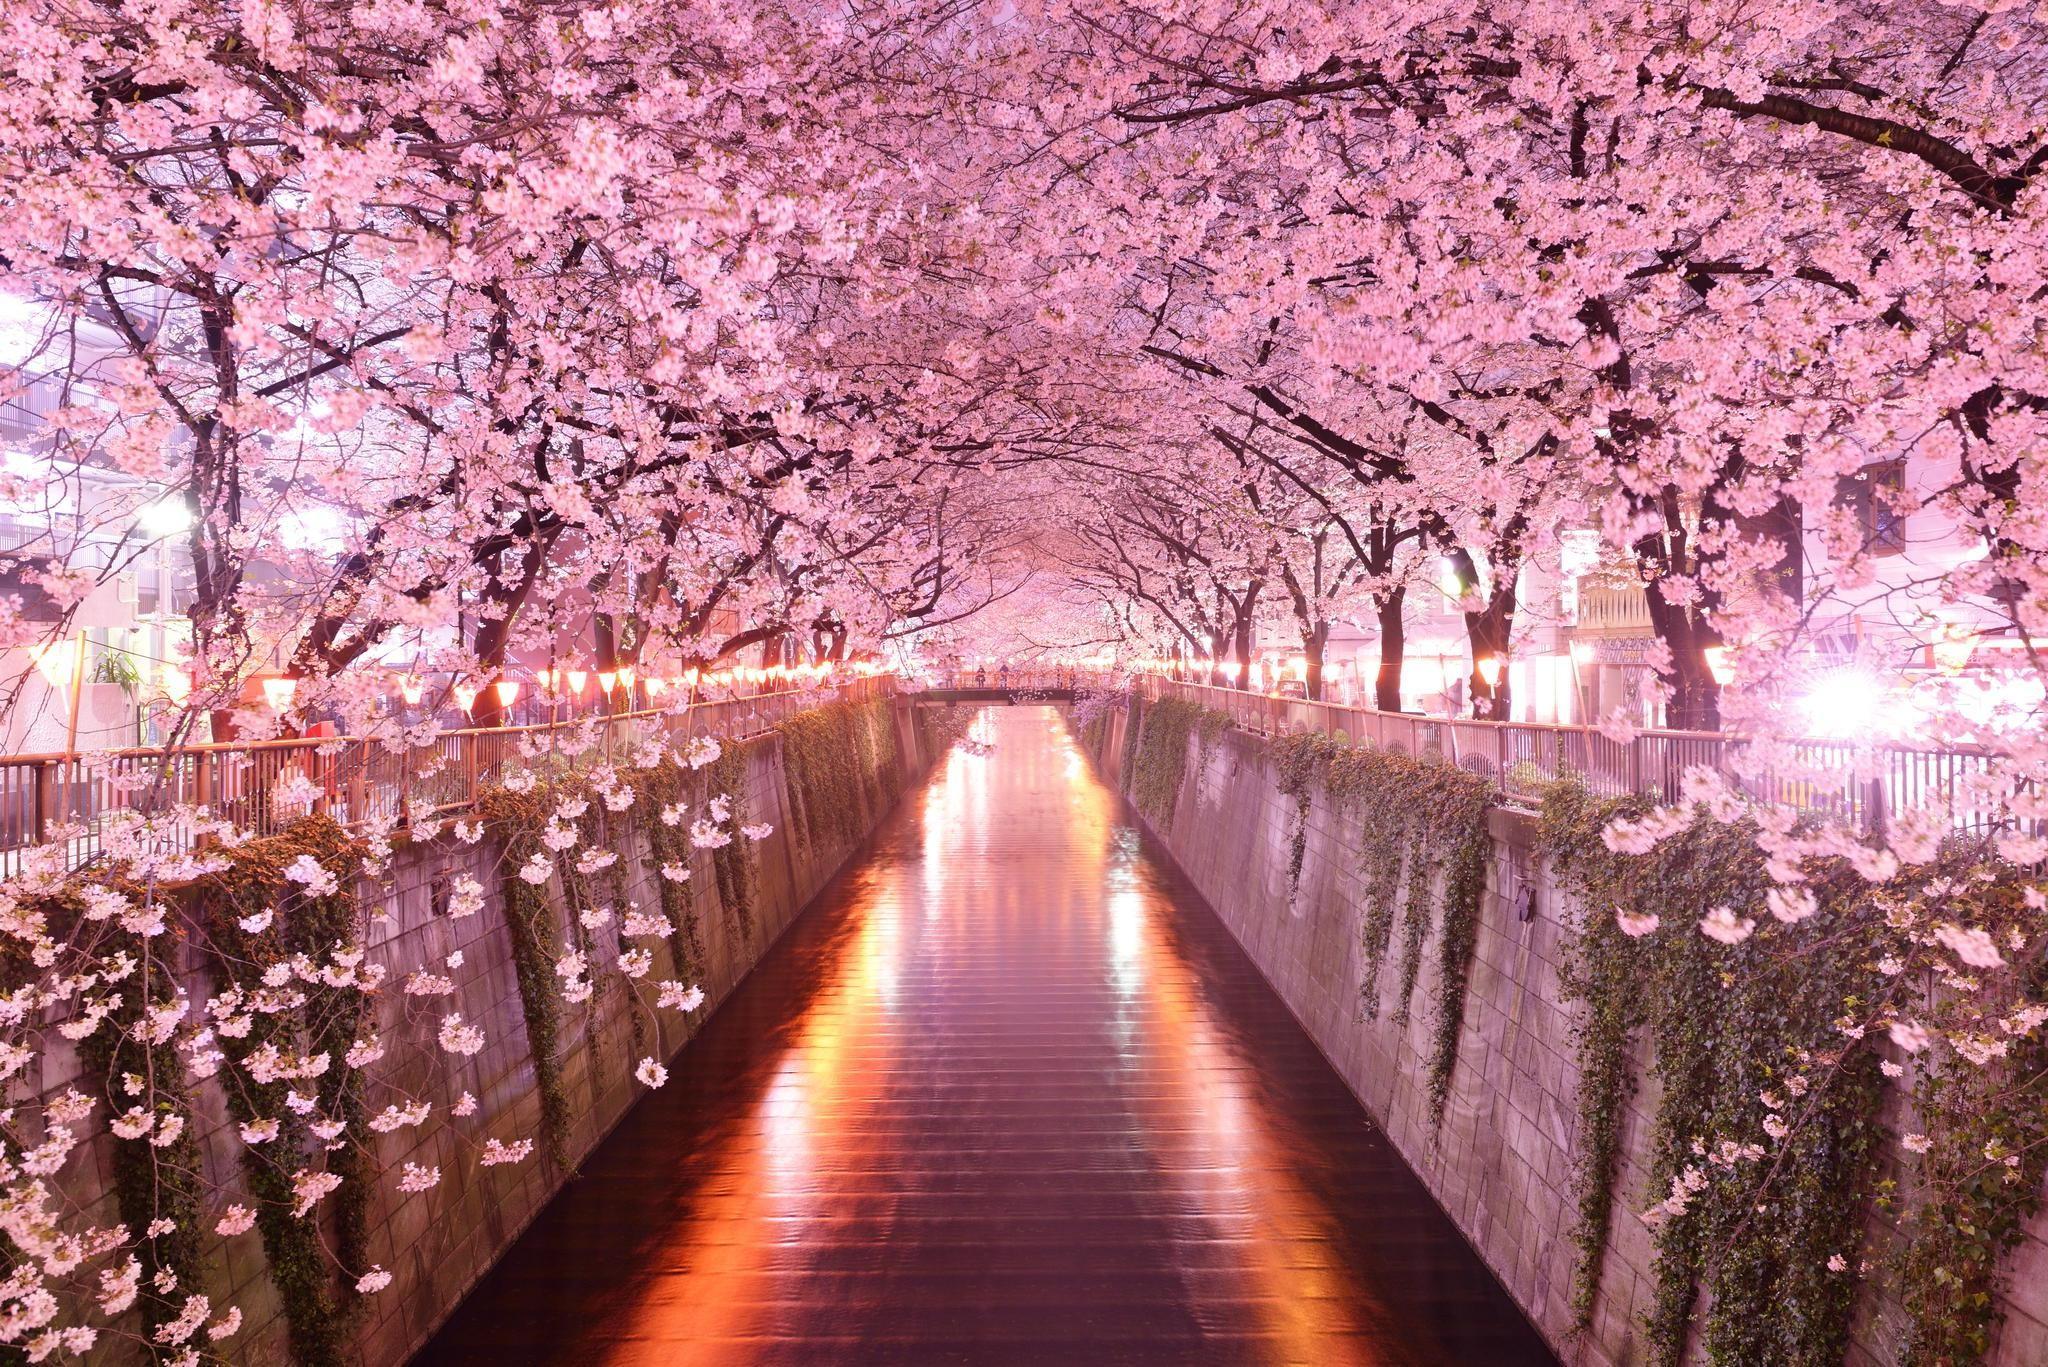 Cherry Blossom Wallpaper For Desktop 75 Images